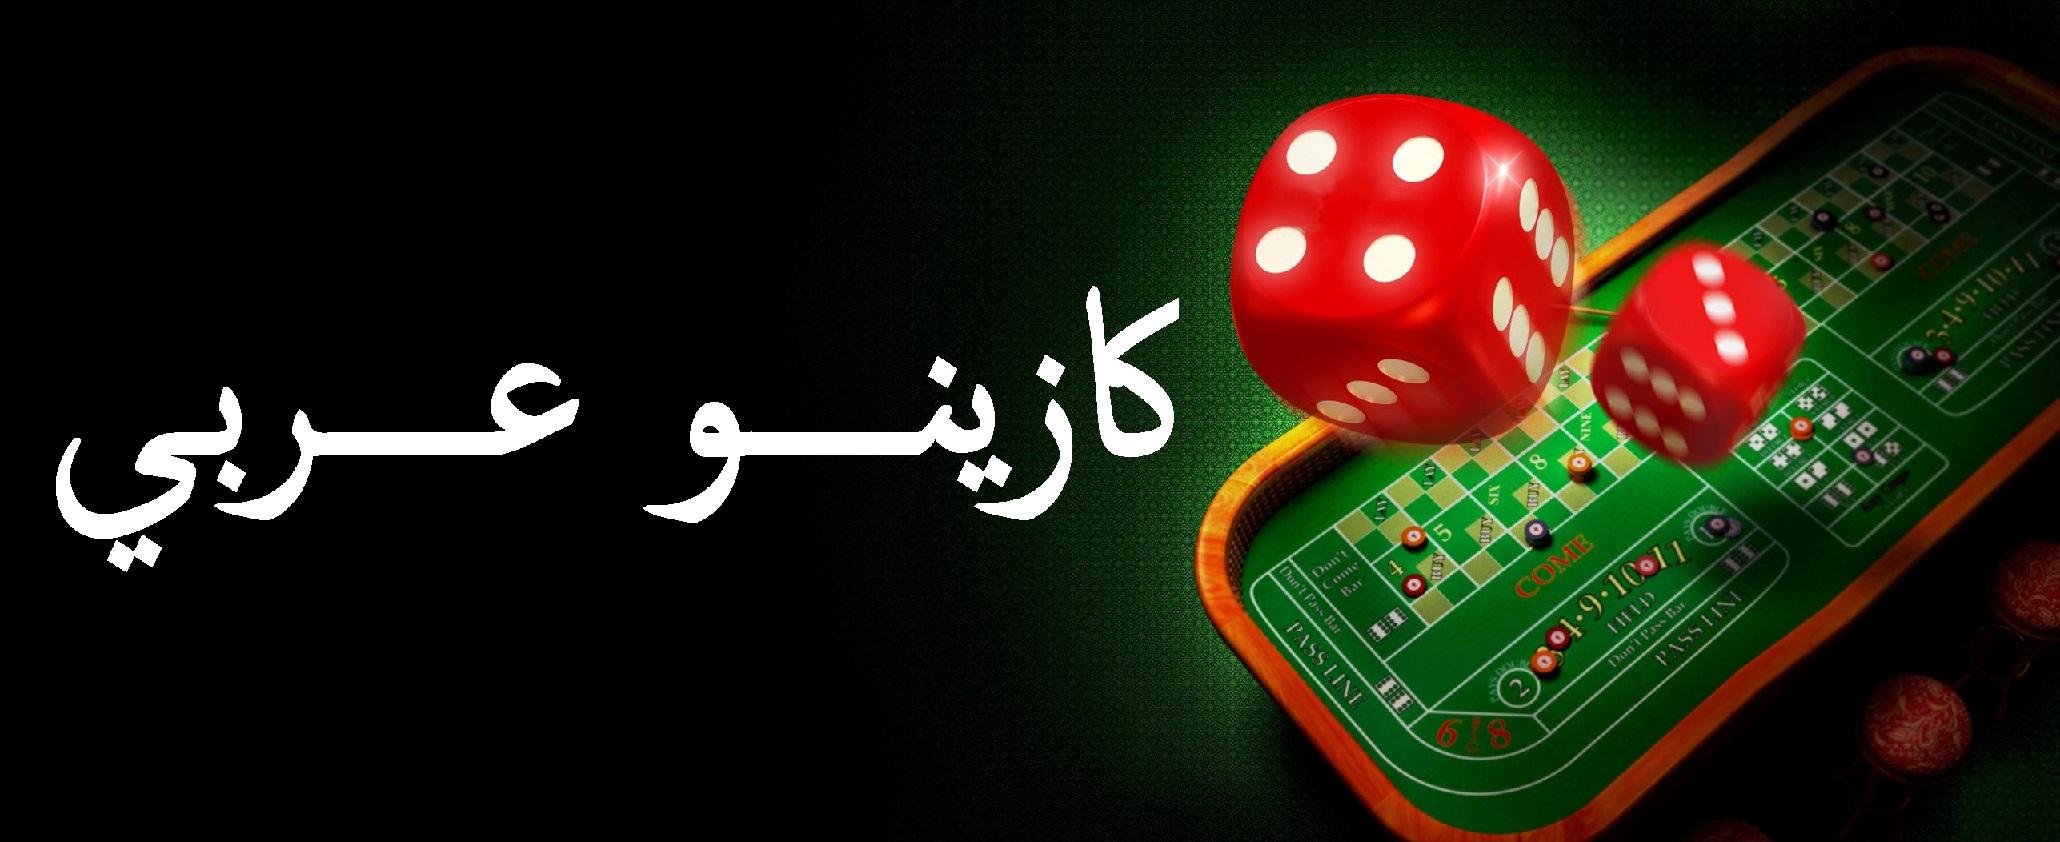 العب واربح المال - 41434